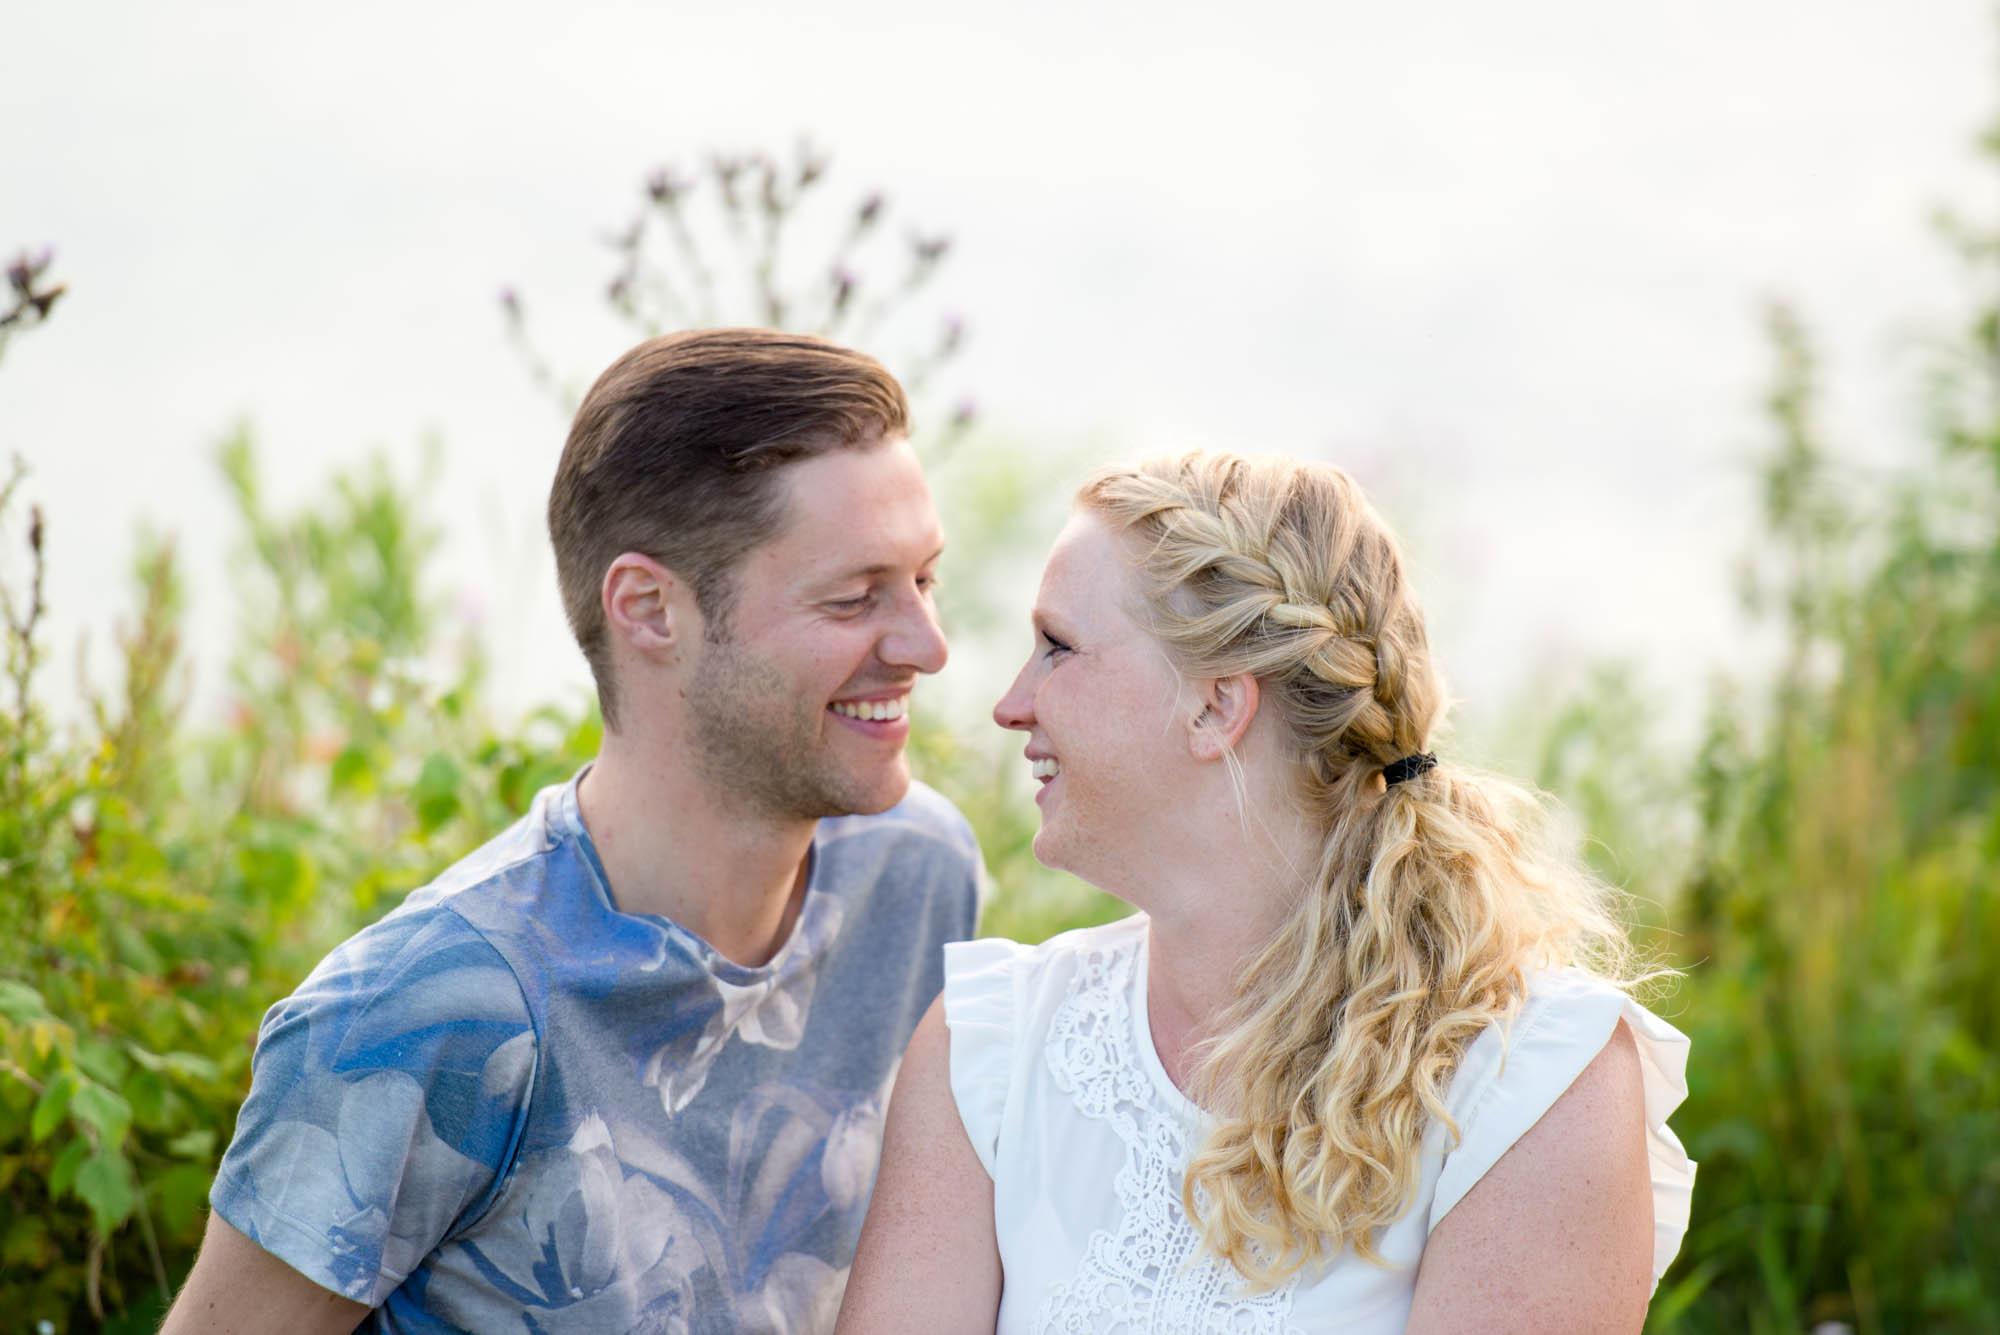 Loveshoot-Geestmerambacht-Alkmaar-Jeff-en-Esmee-80